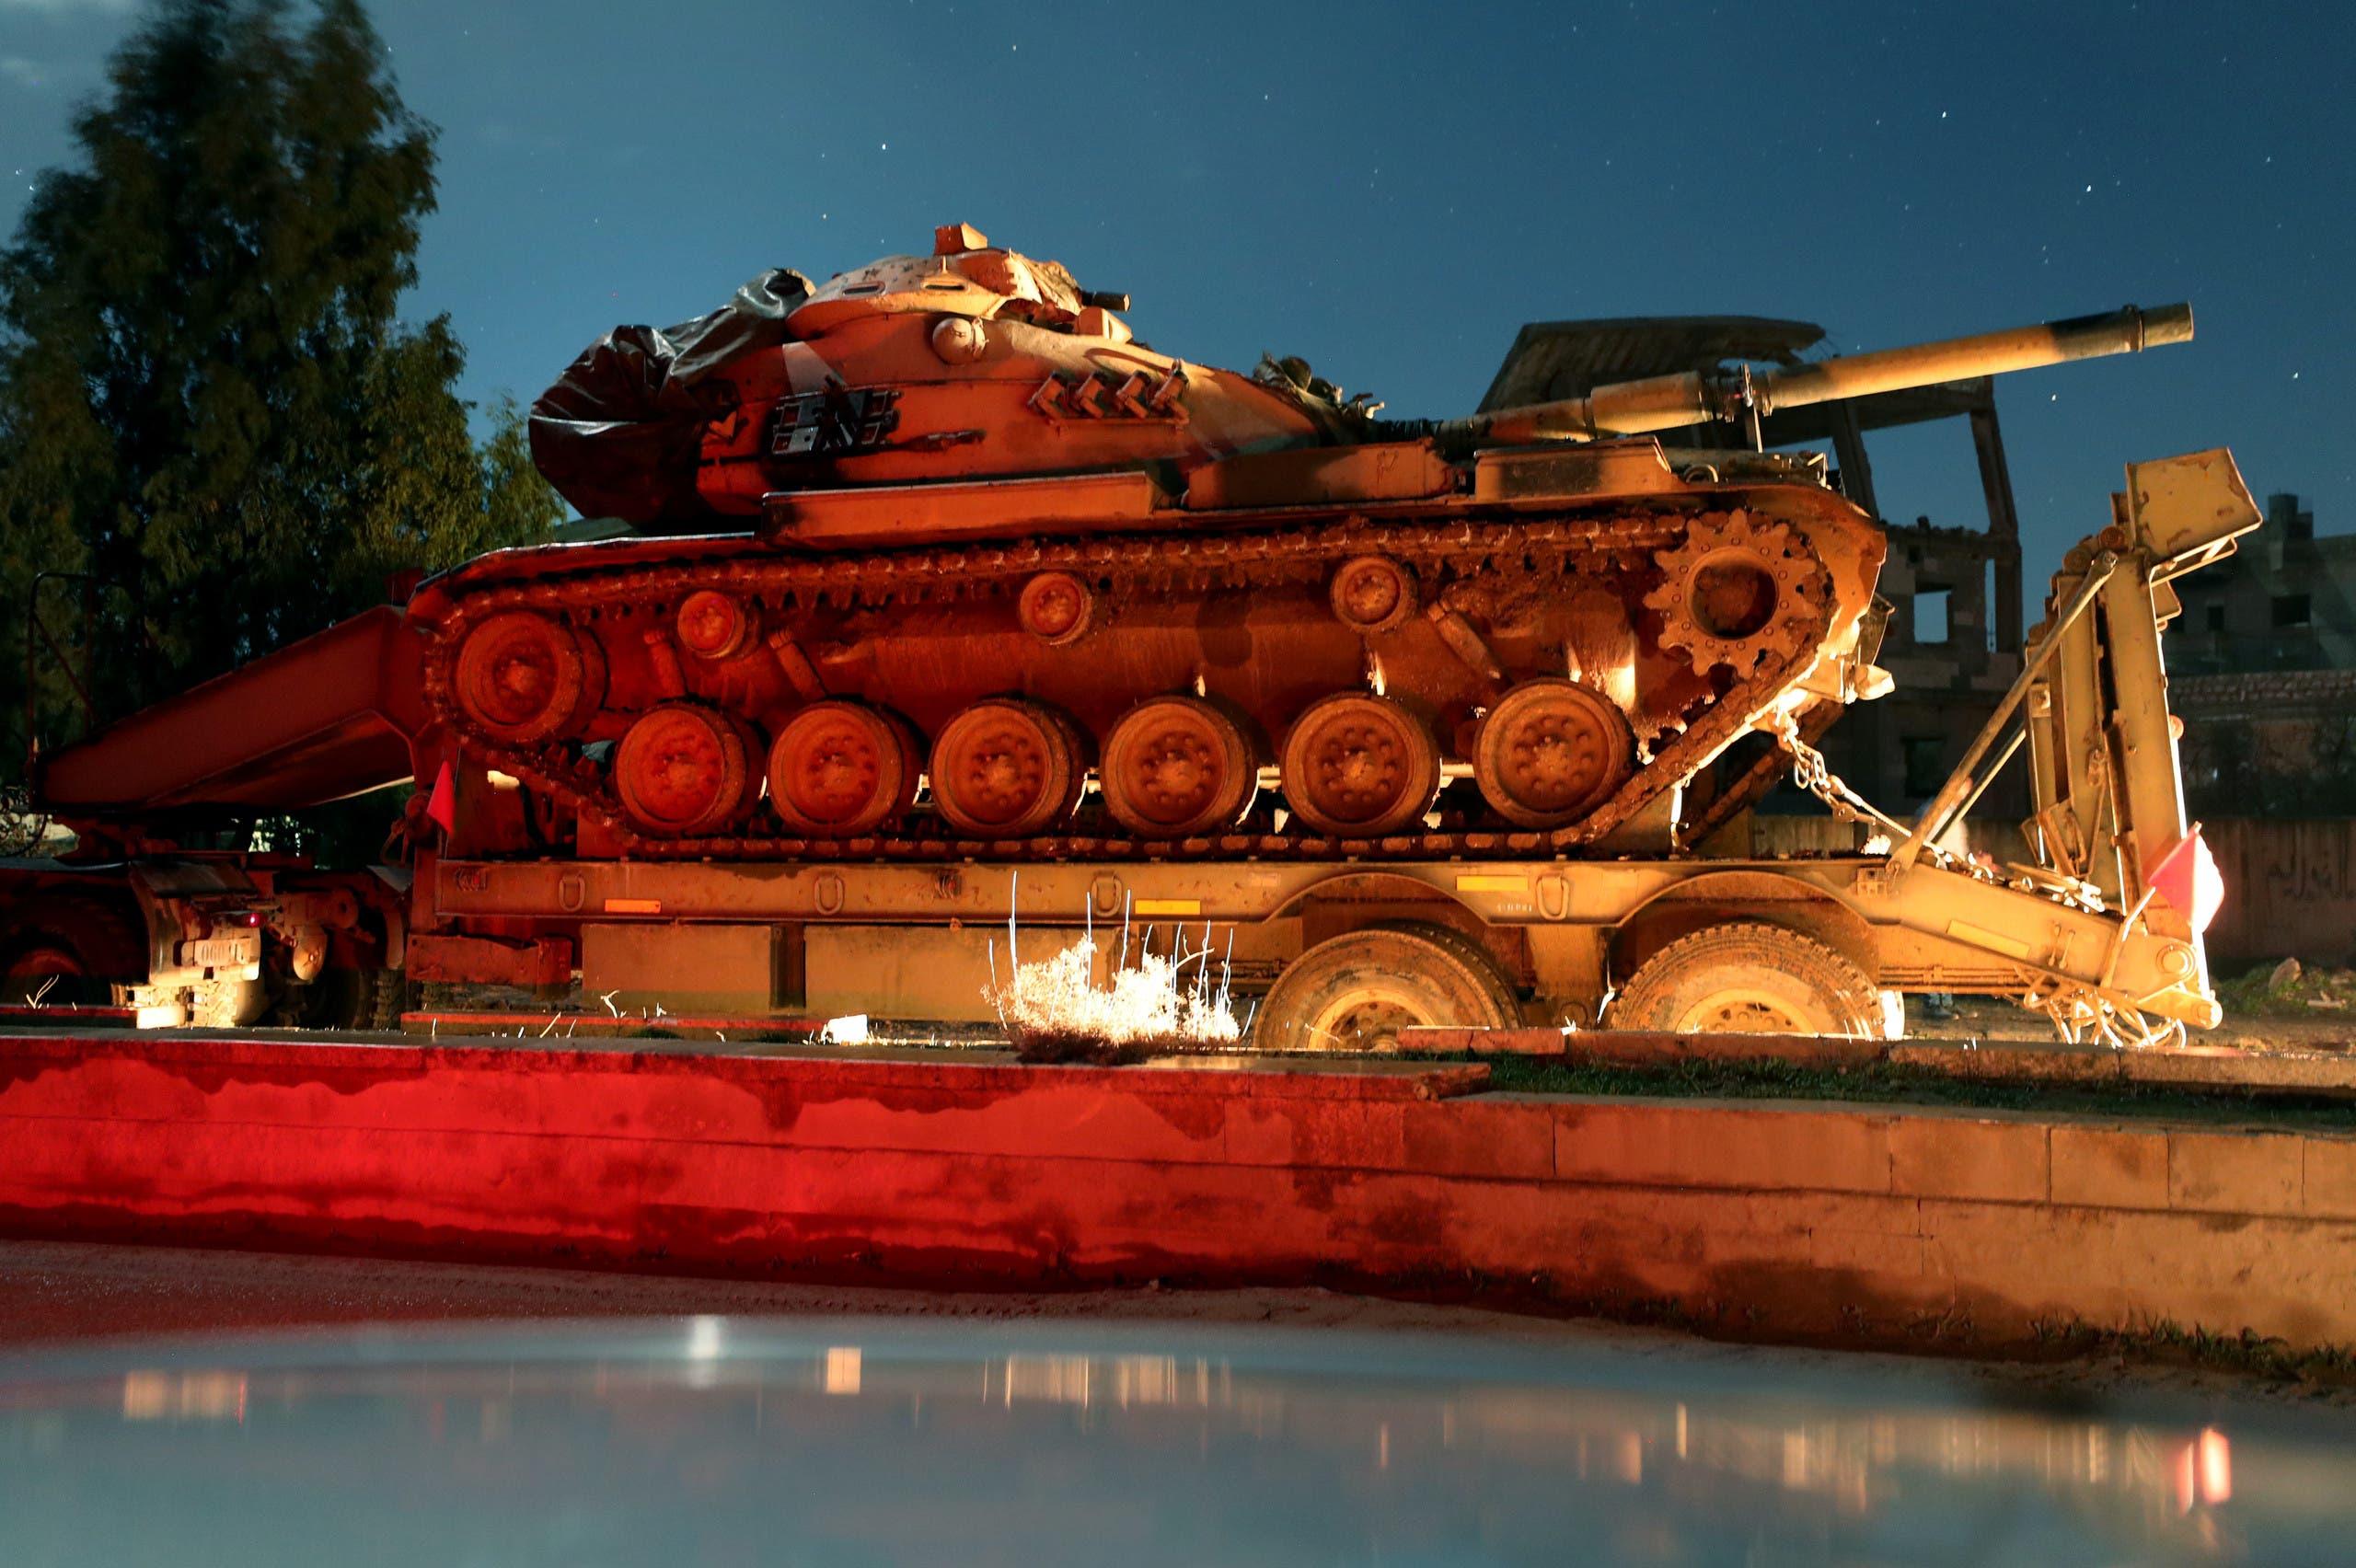 قافلة عسكرية تركية في طريقها إلى إدلب يوم 7 فبراير (فرانس برس)